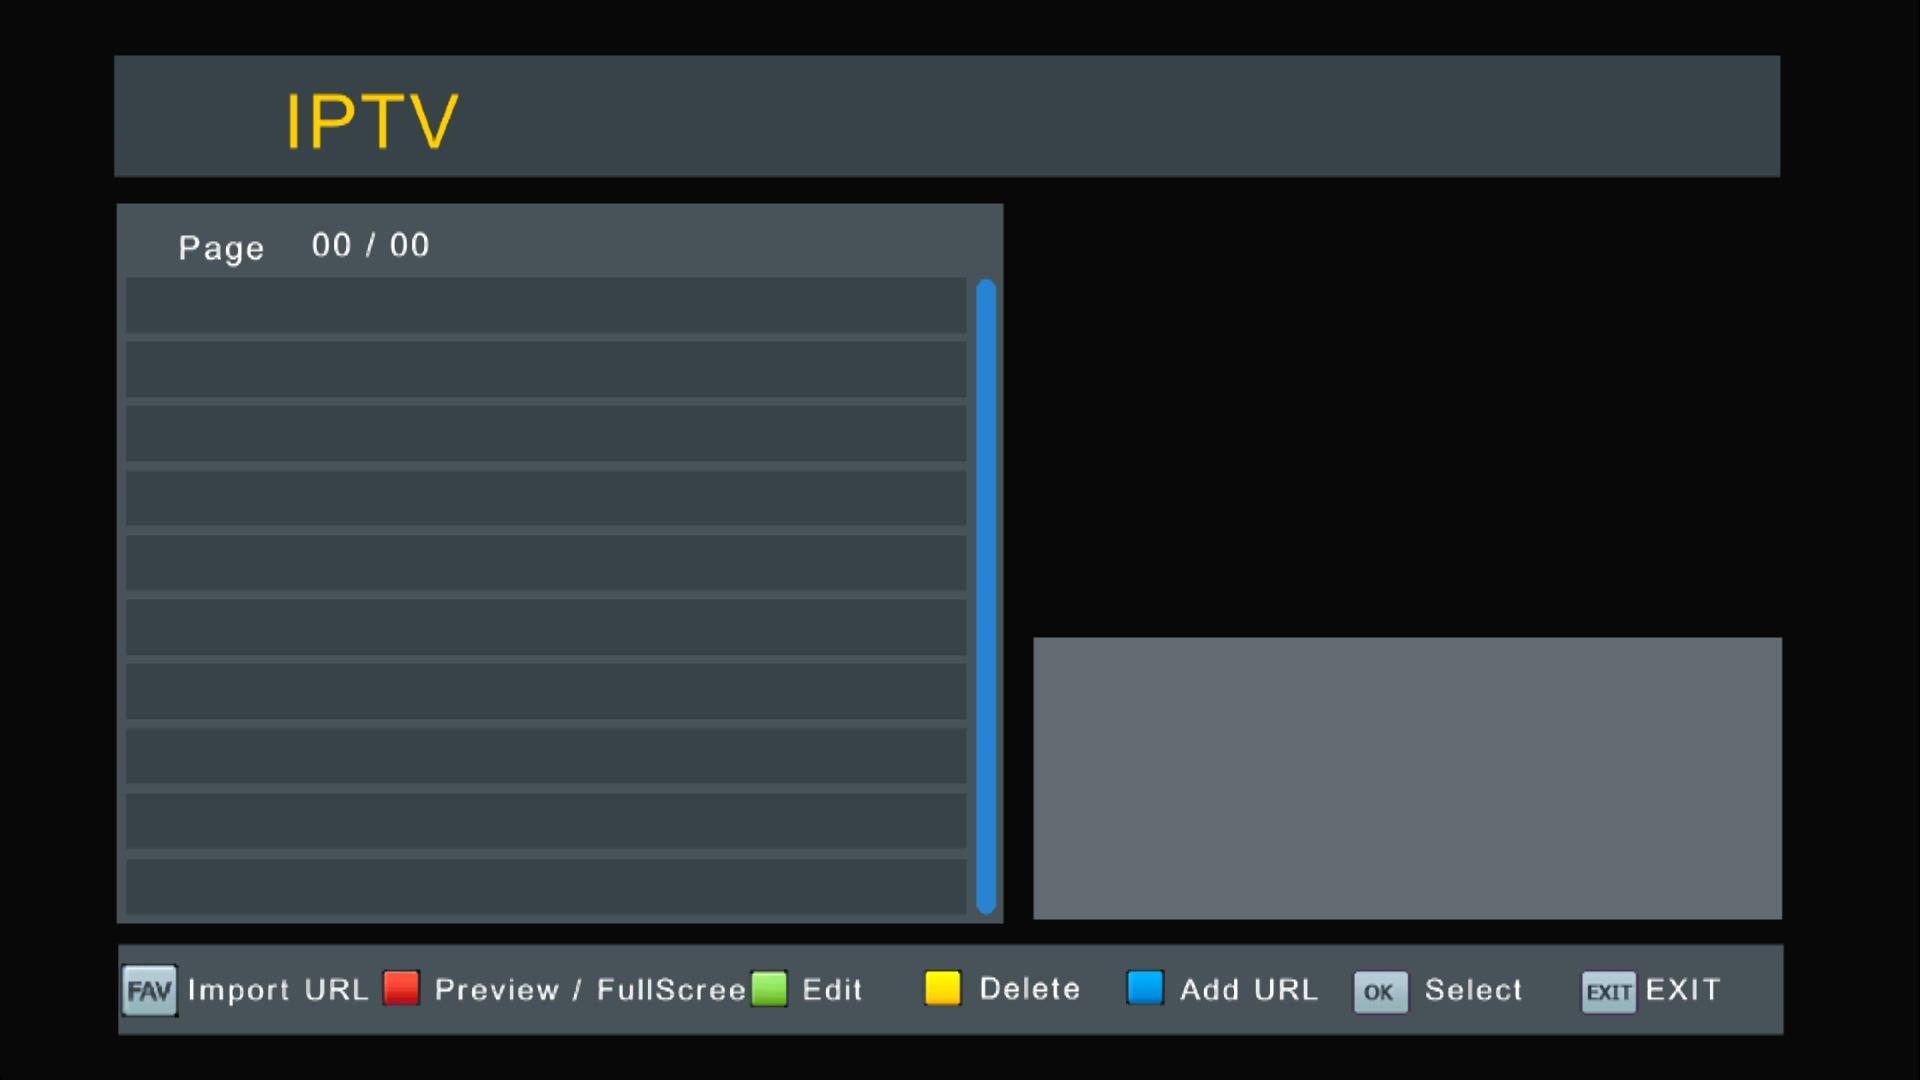 厂家特价欧洲高清有线数字机顶盒DVB-C带杜比Scart接口 3